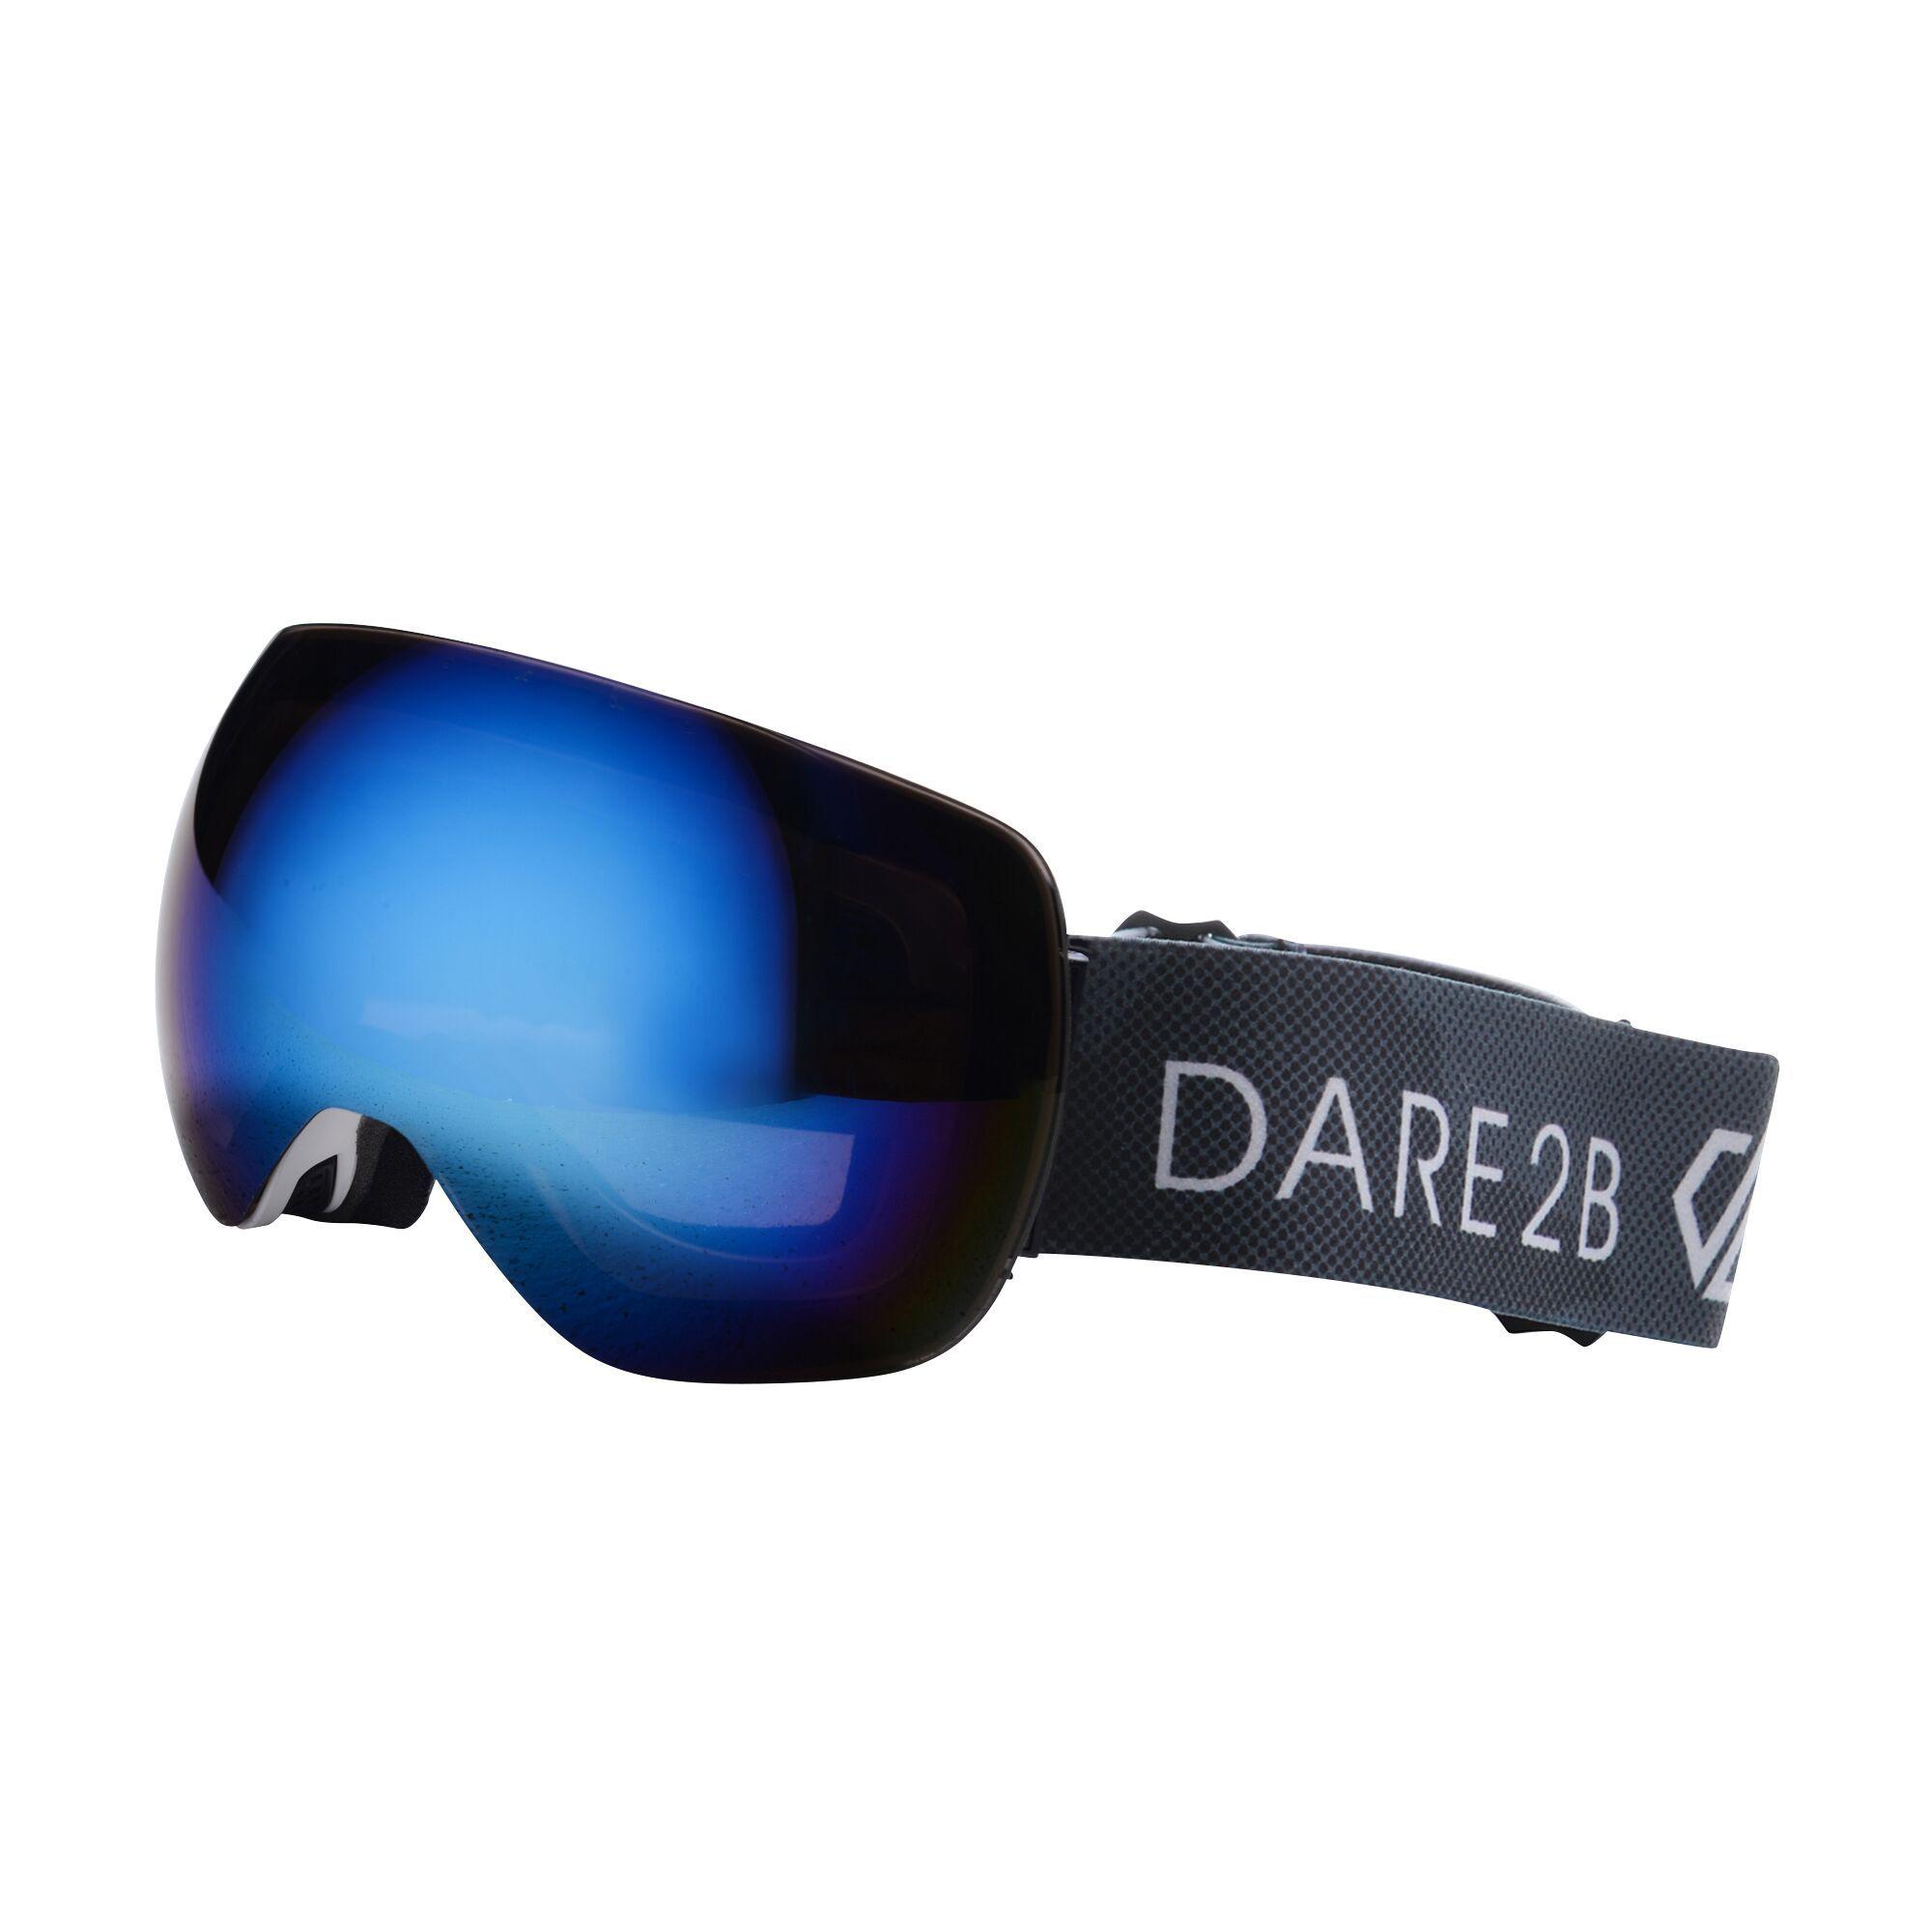 Dare 2b Unisex Adults Verto Ski Goggles